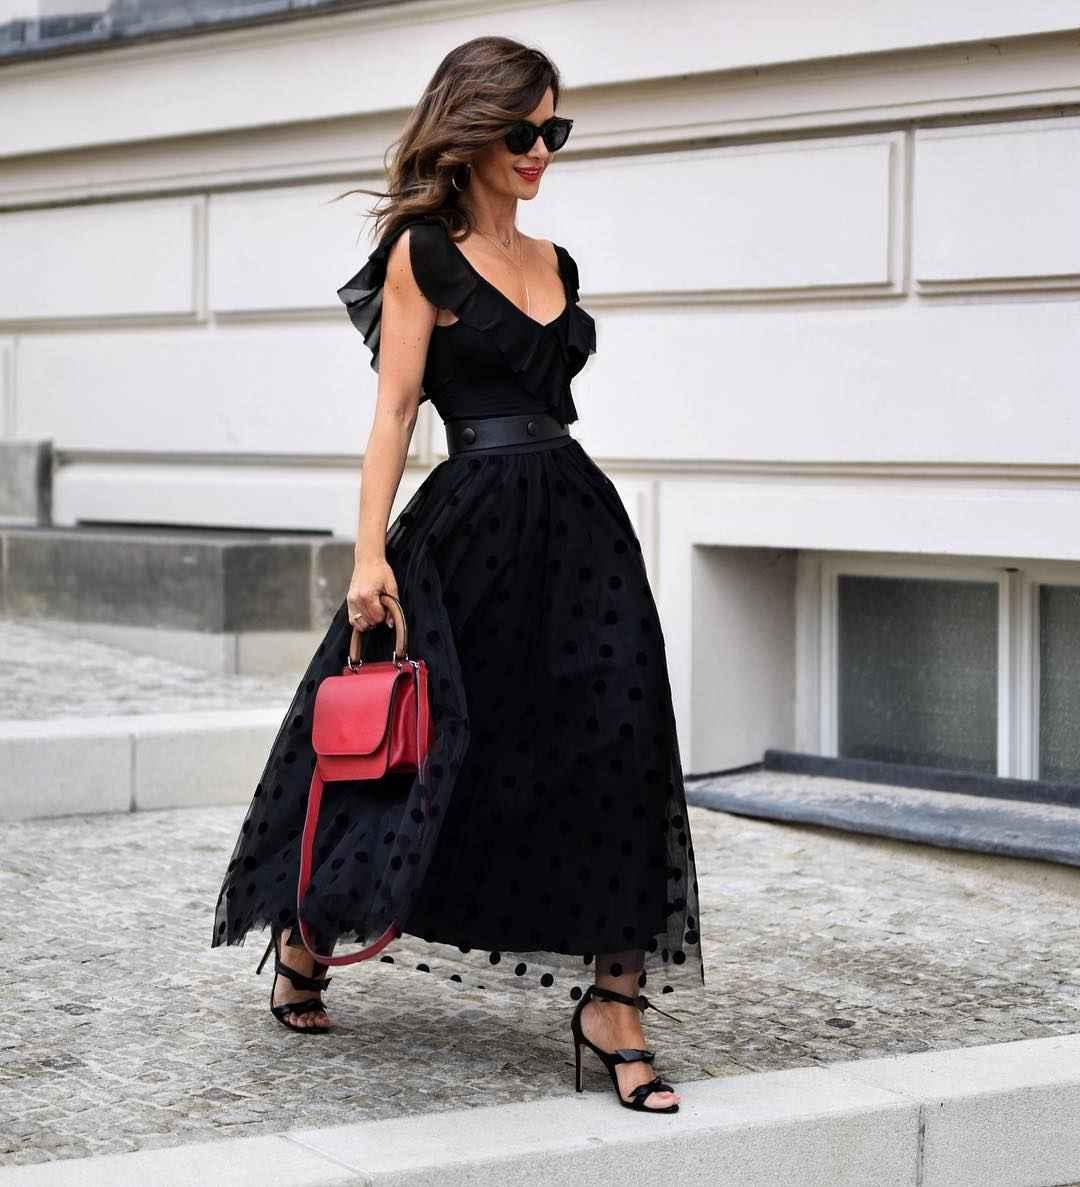 Базовый гардероб для женщины 30 лет фото_20